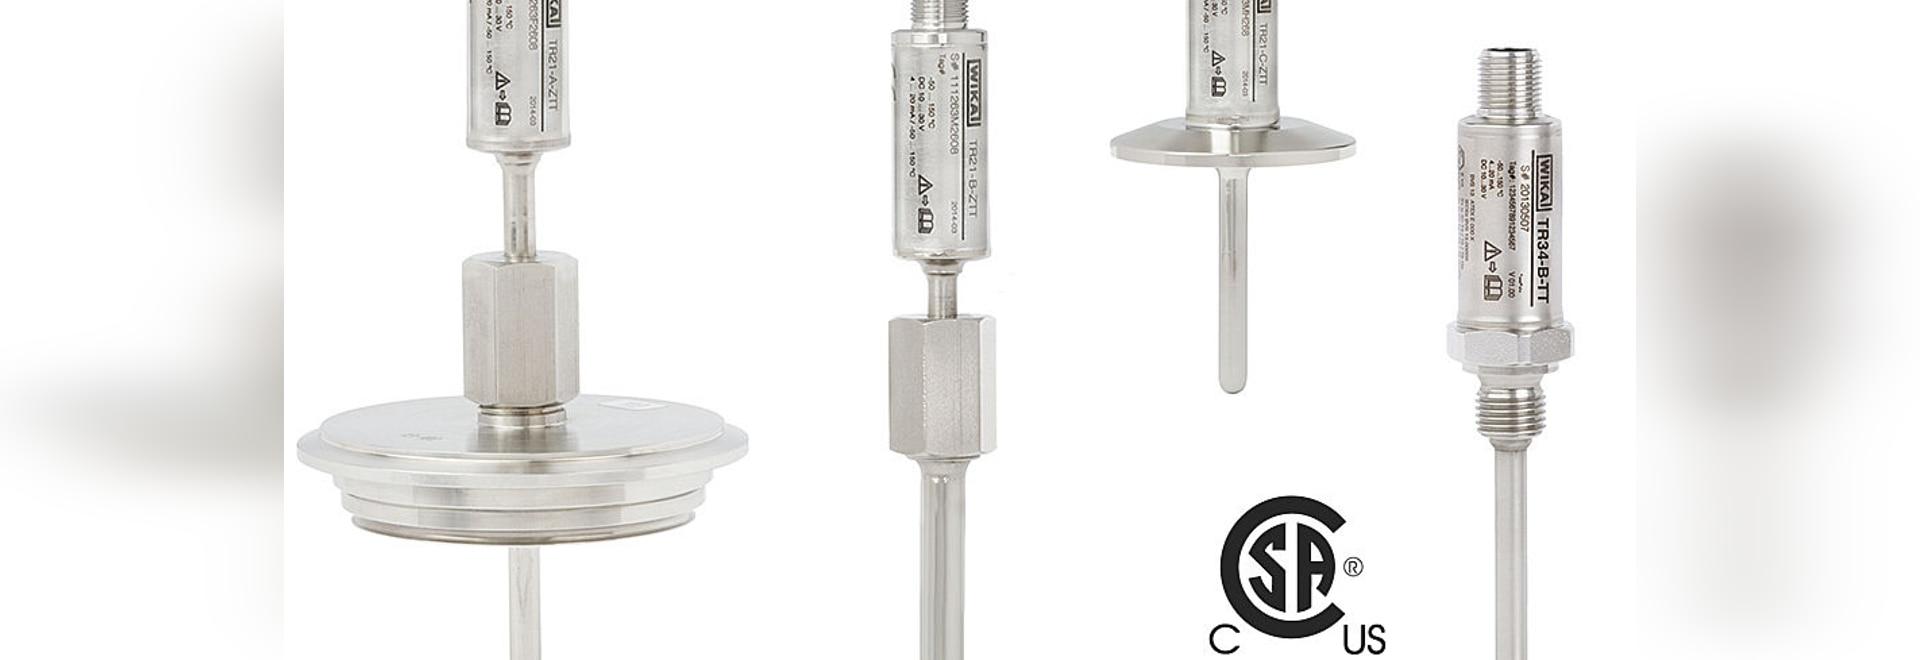 """Miniatur-Thermometer jetzt auch mit CSA-Siegel für """"Ex i"""""""